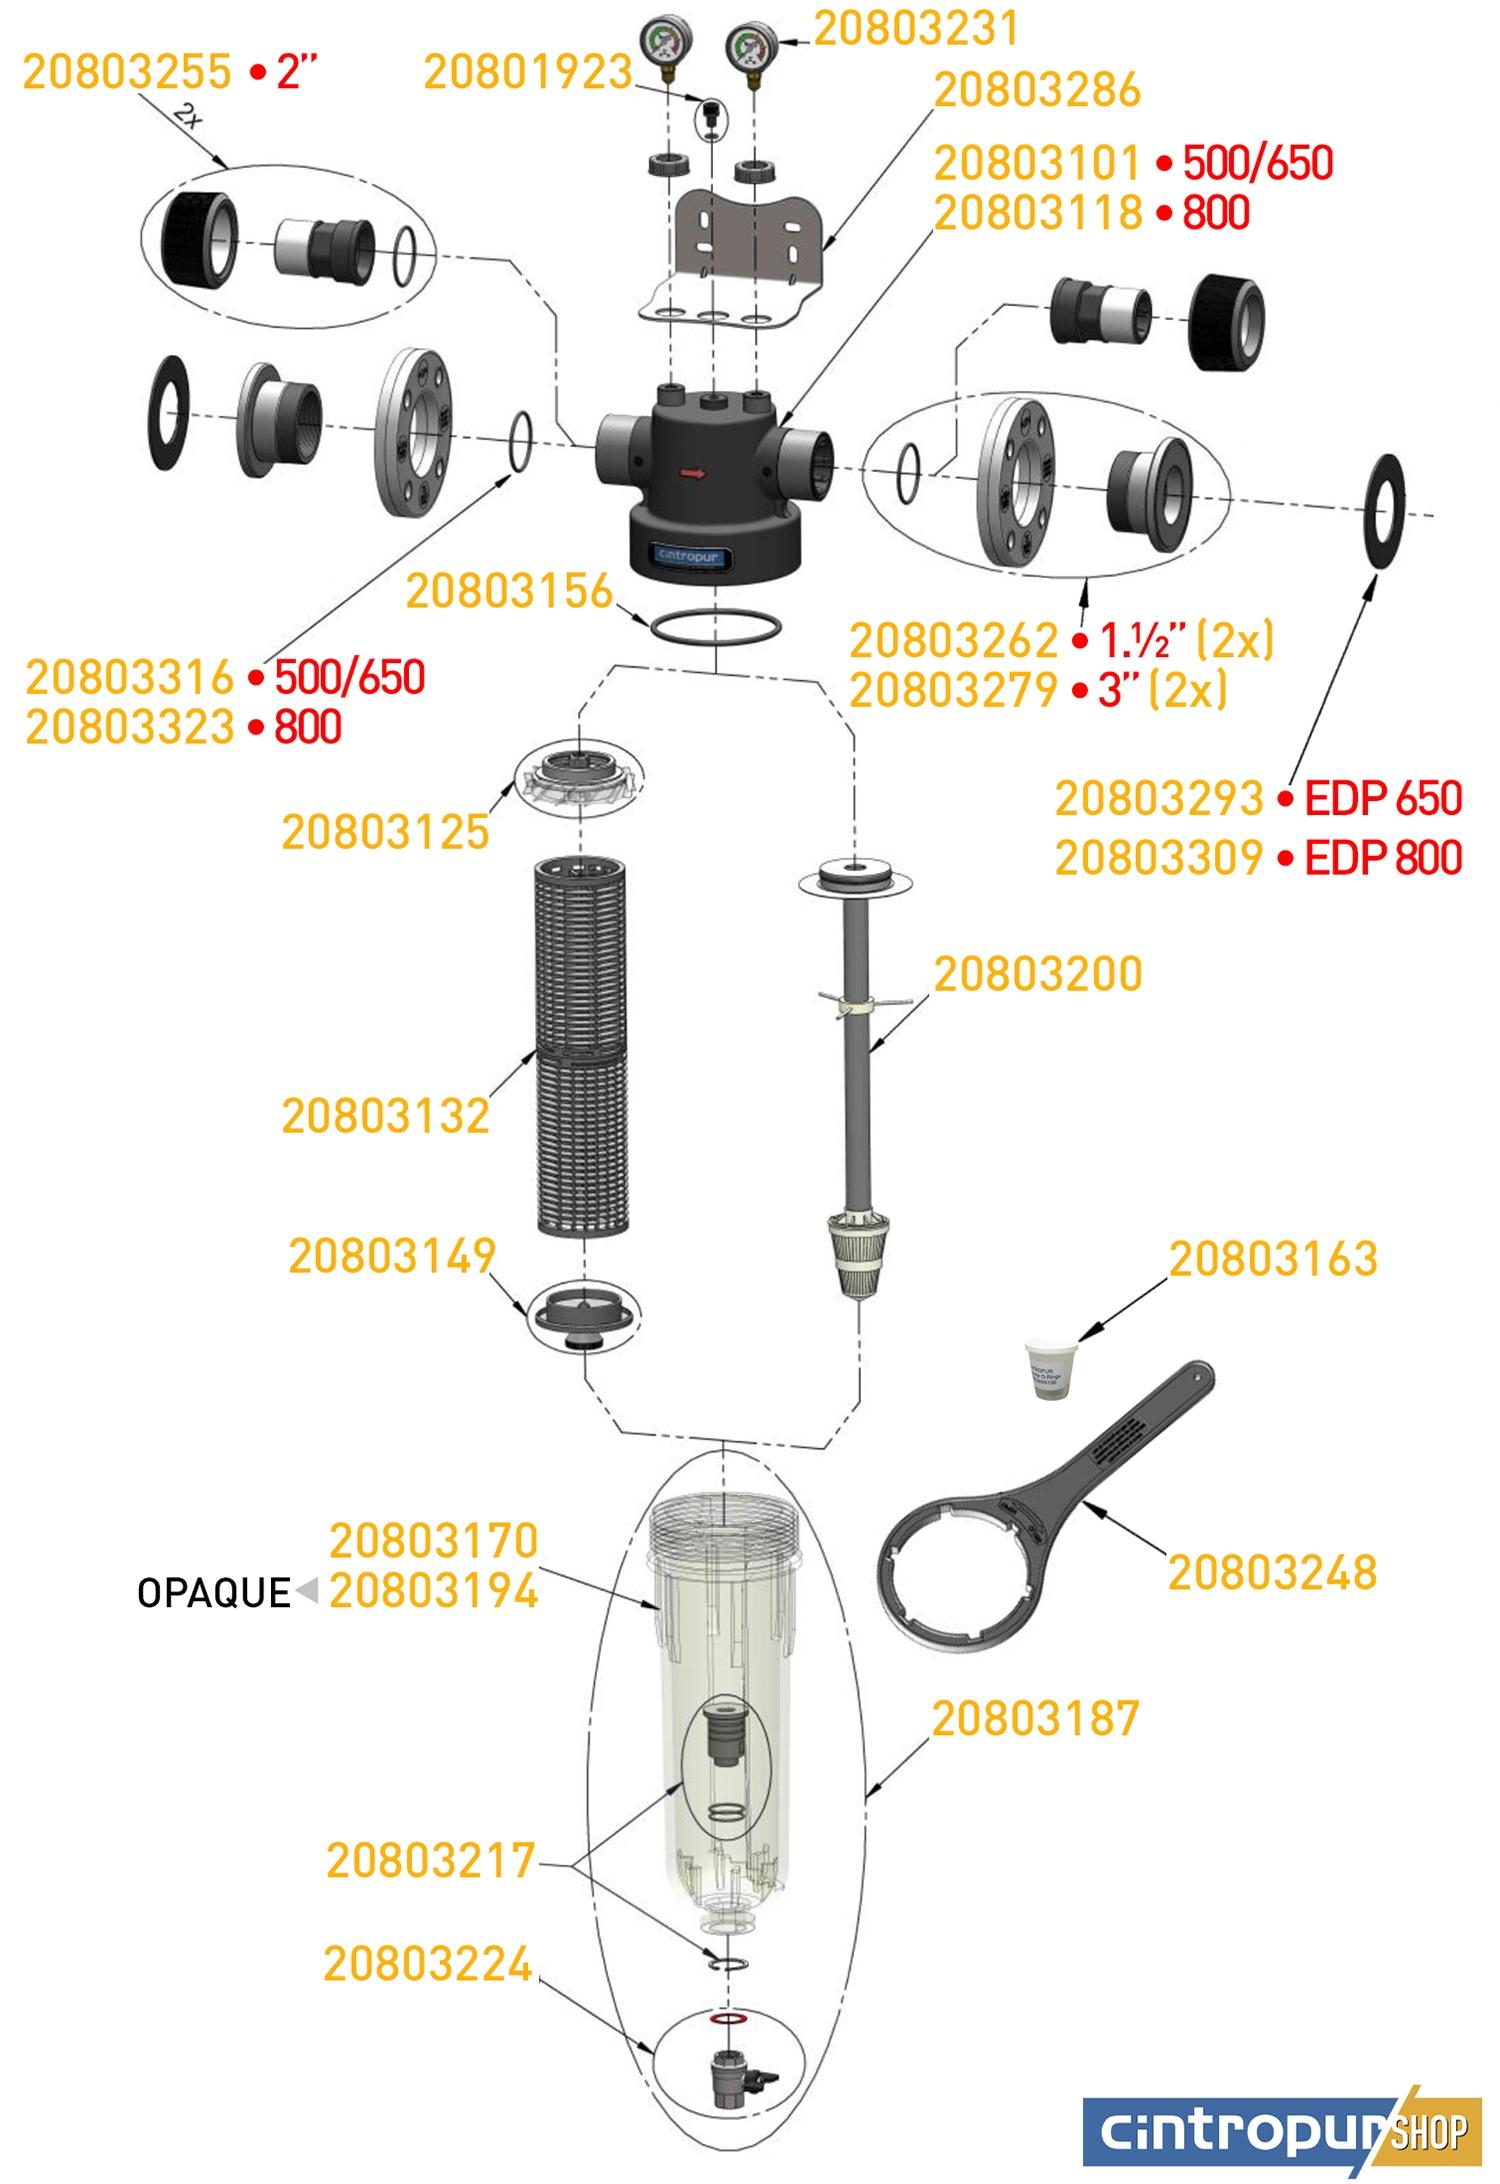 Dessin des pièces détachées Cintropur de la gamme Industrial avec code UGS